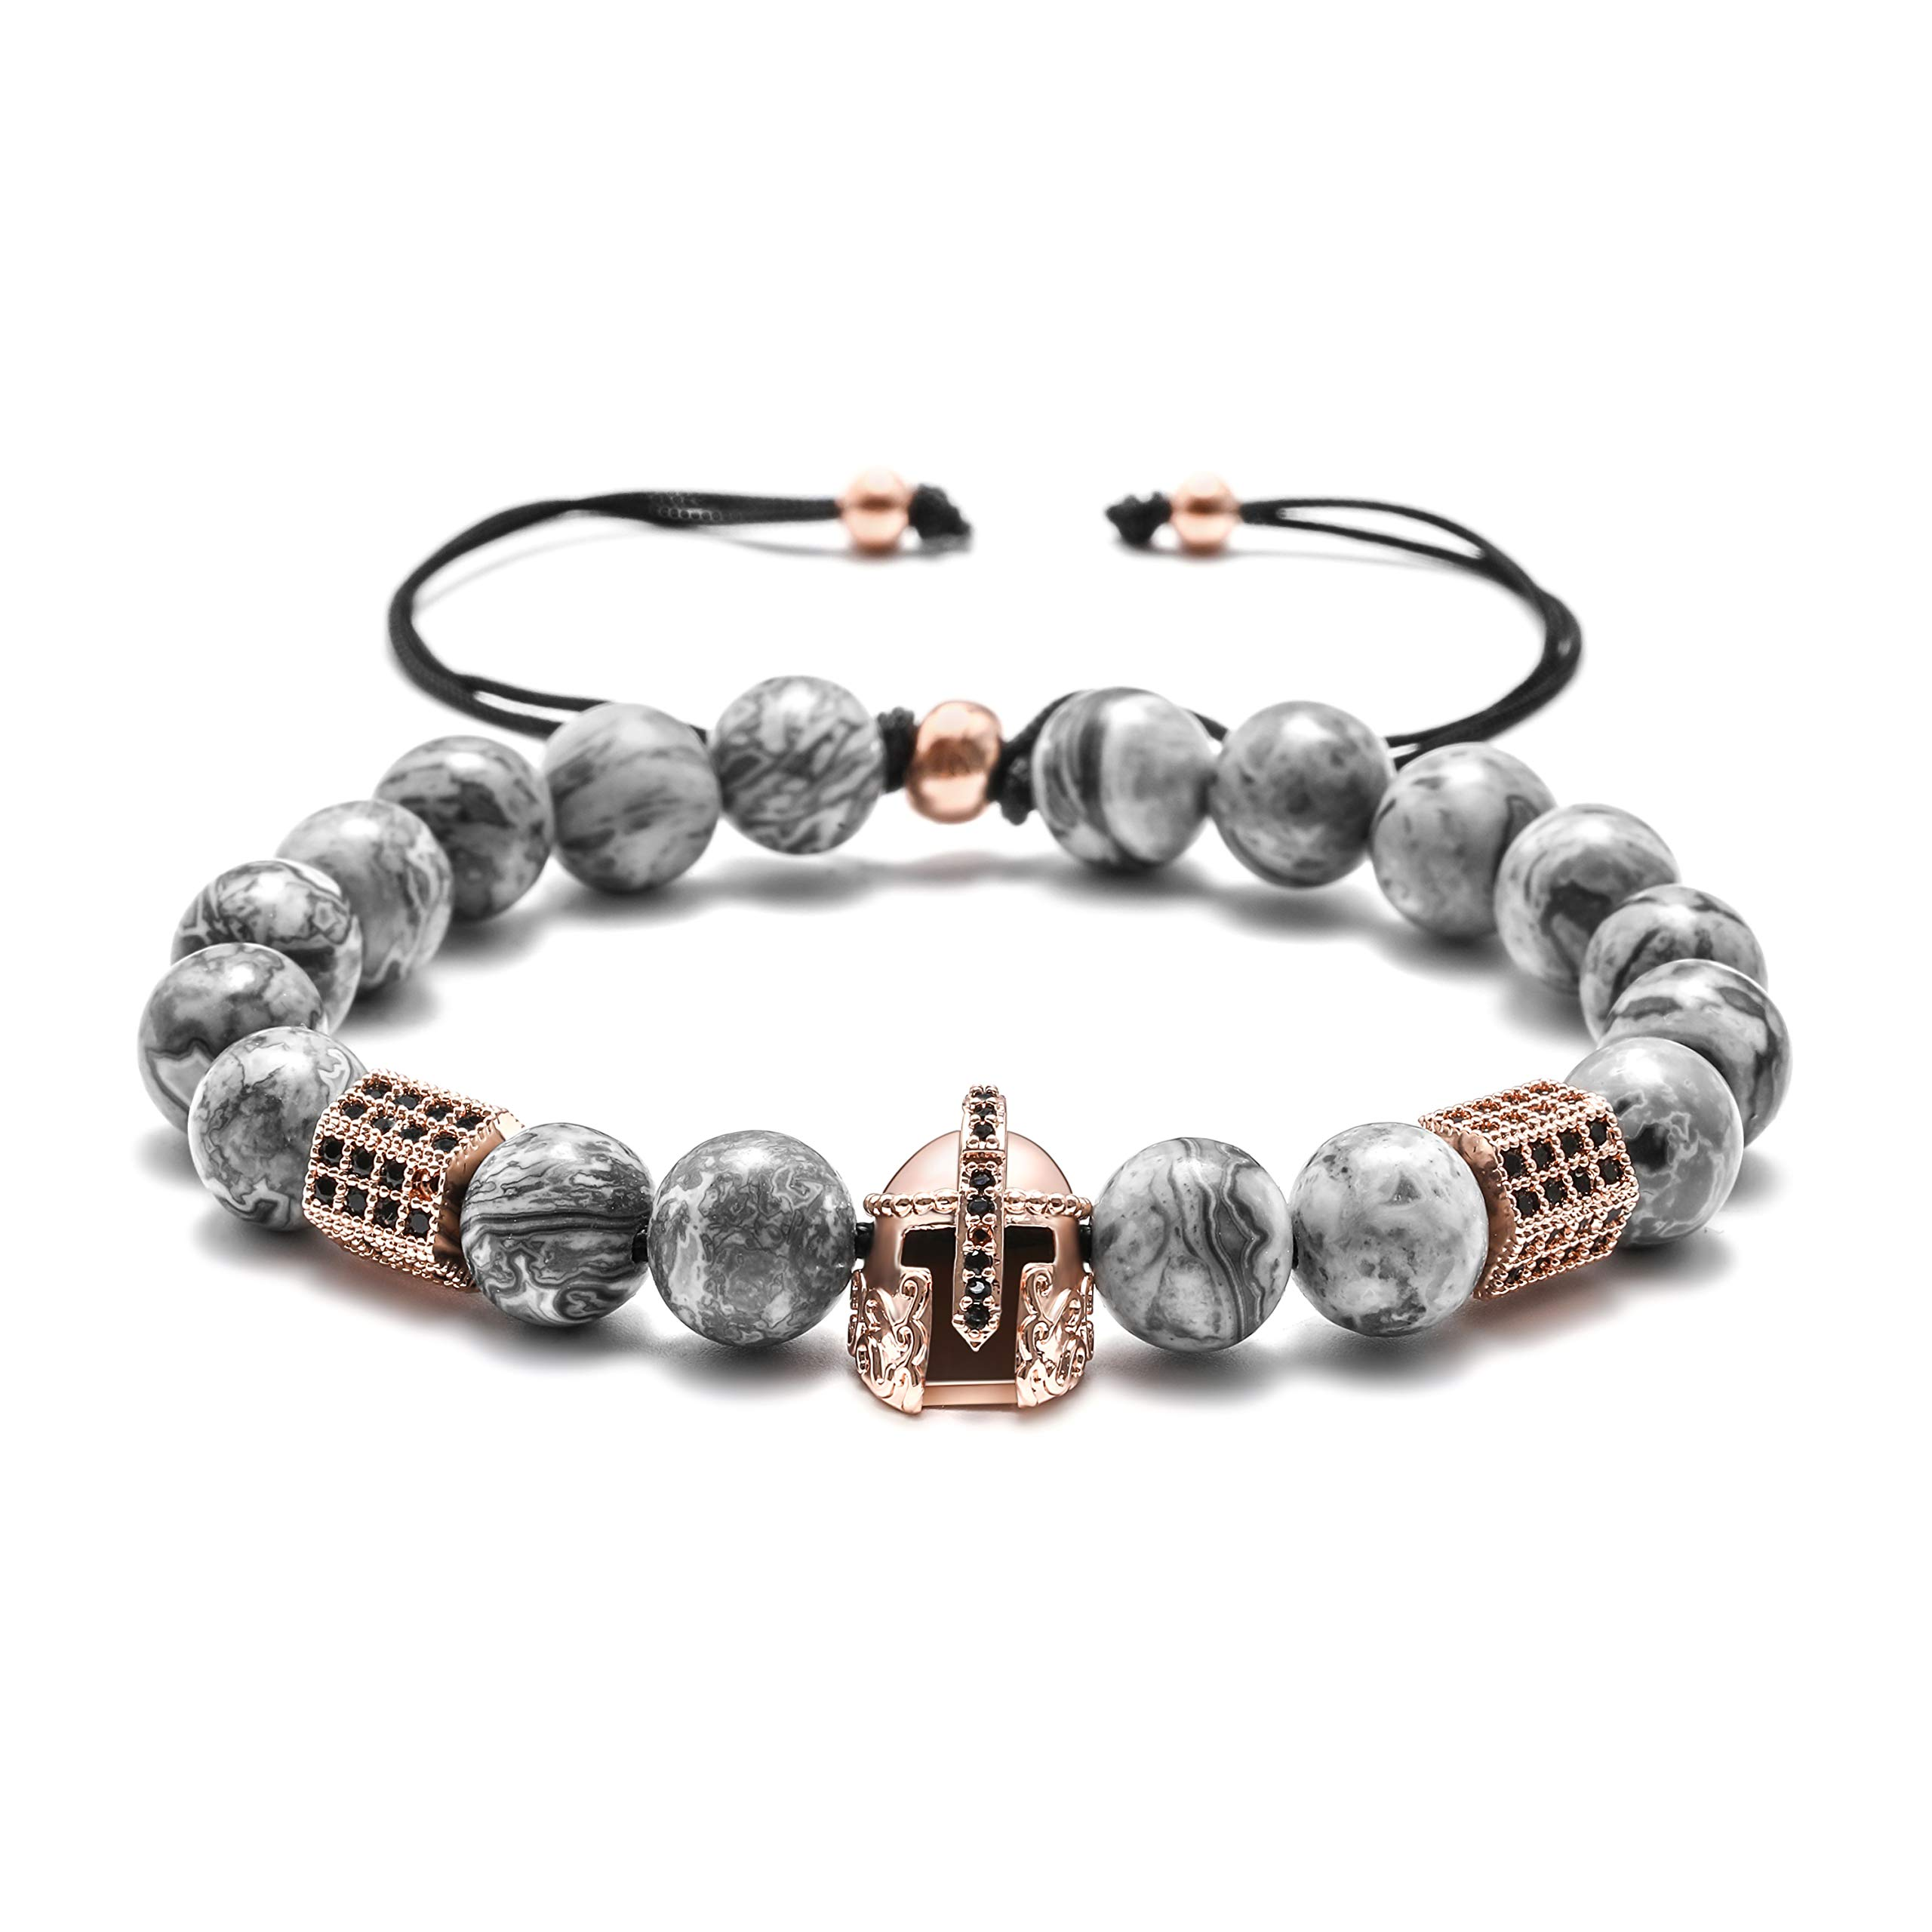 Natural Gemstone Bead Bracelets - 8mm Natural